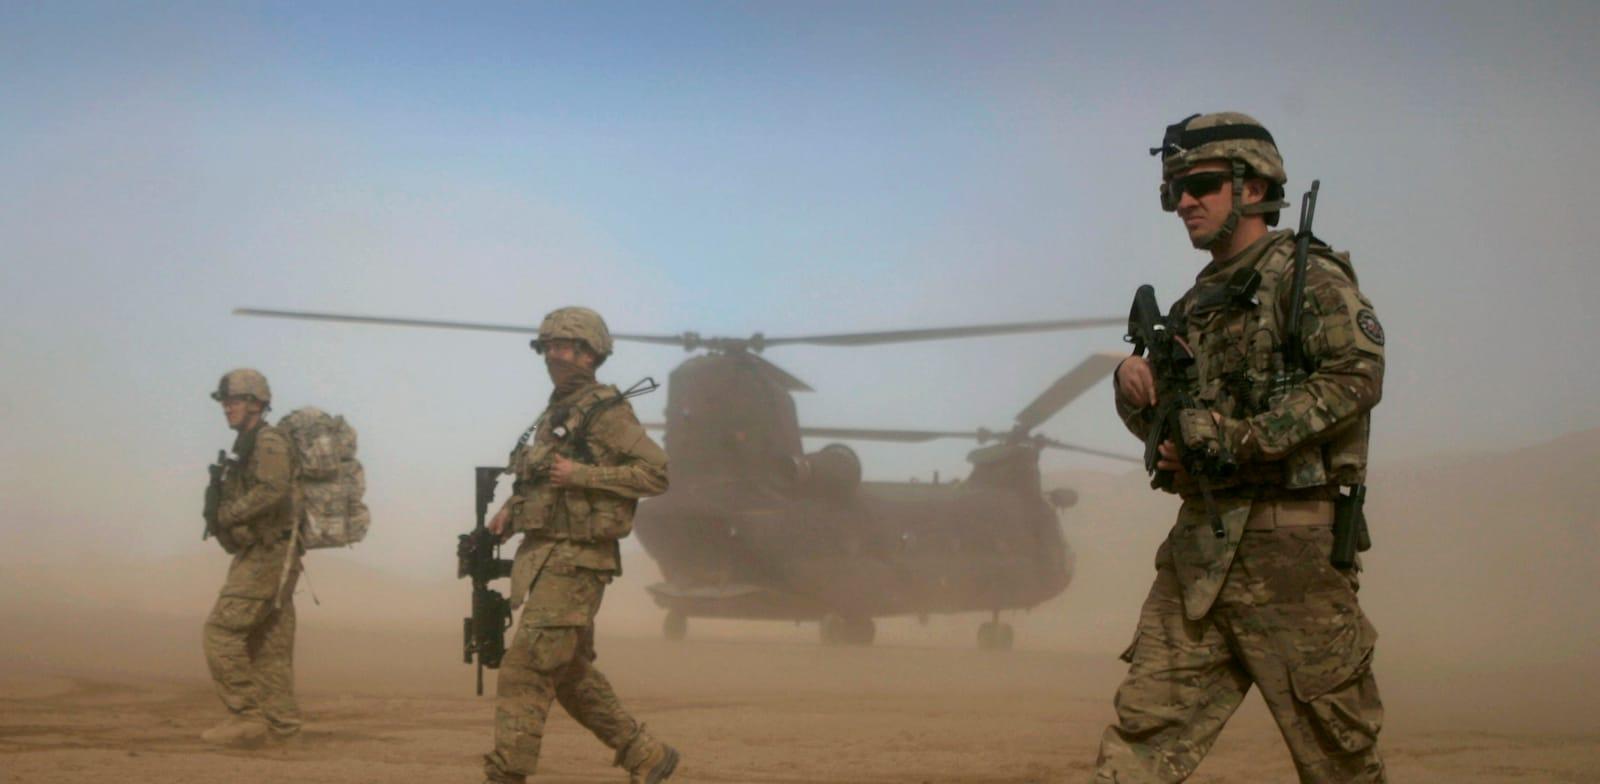 פטרול אמריקאי בקאבול, אפגניסטן ב־2019 / צילום: Associated Press, Hoshang Hashimi